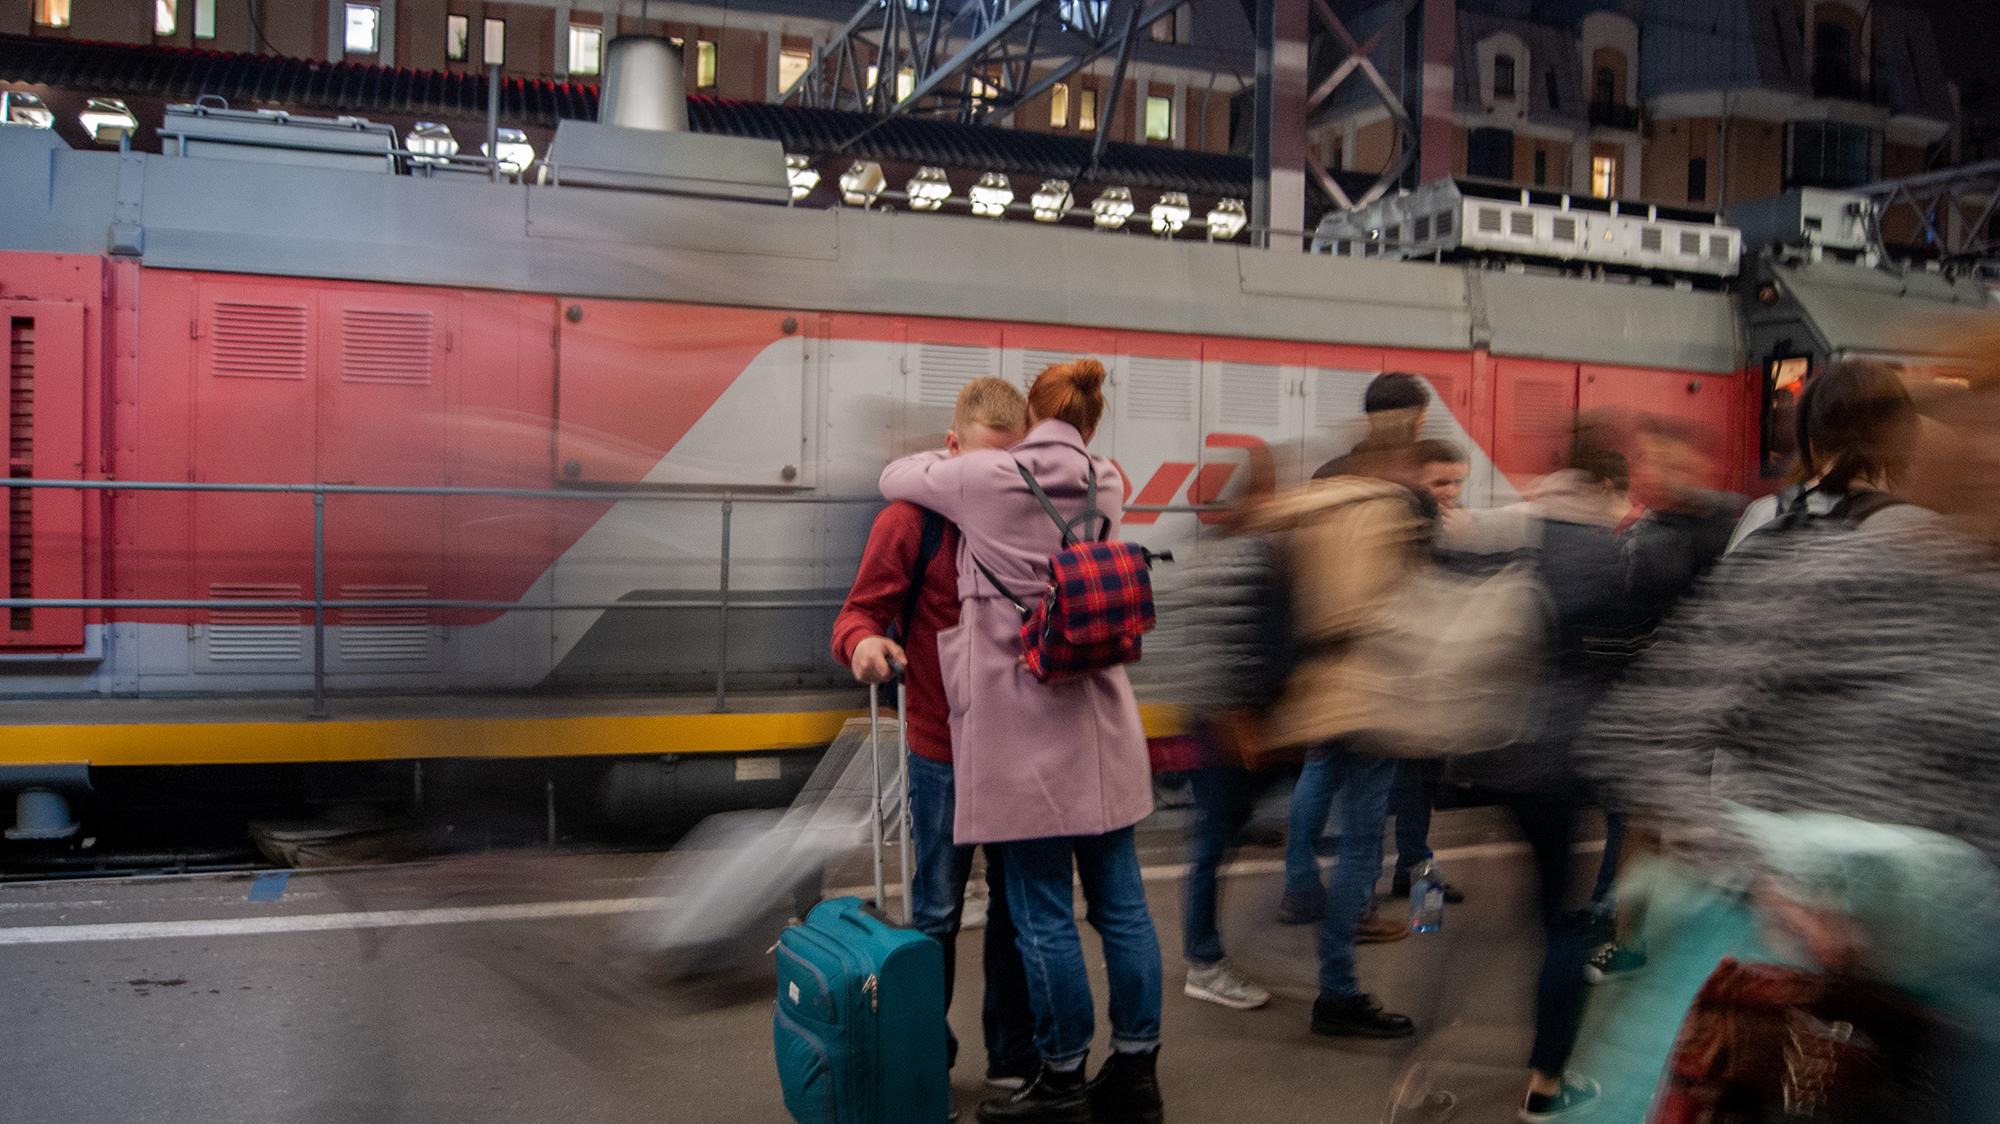 На вокзале. Ангелина Лаврова